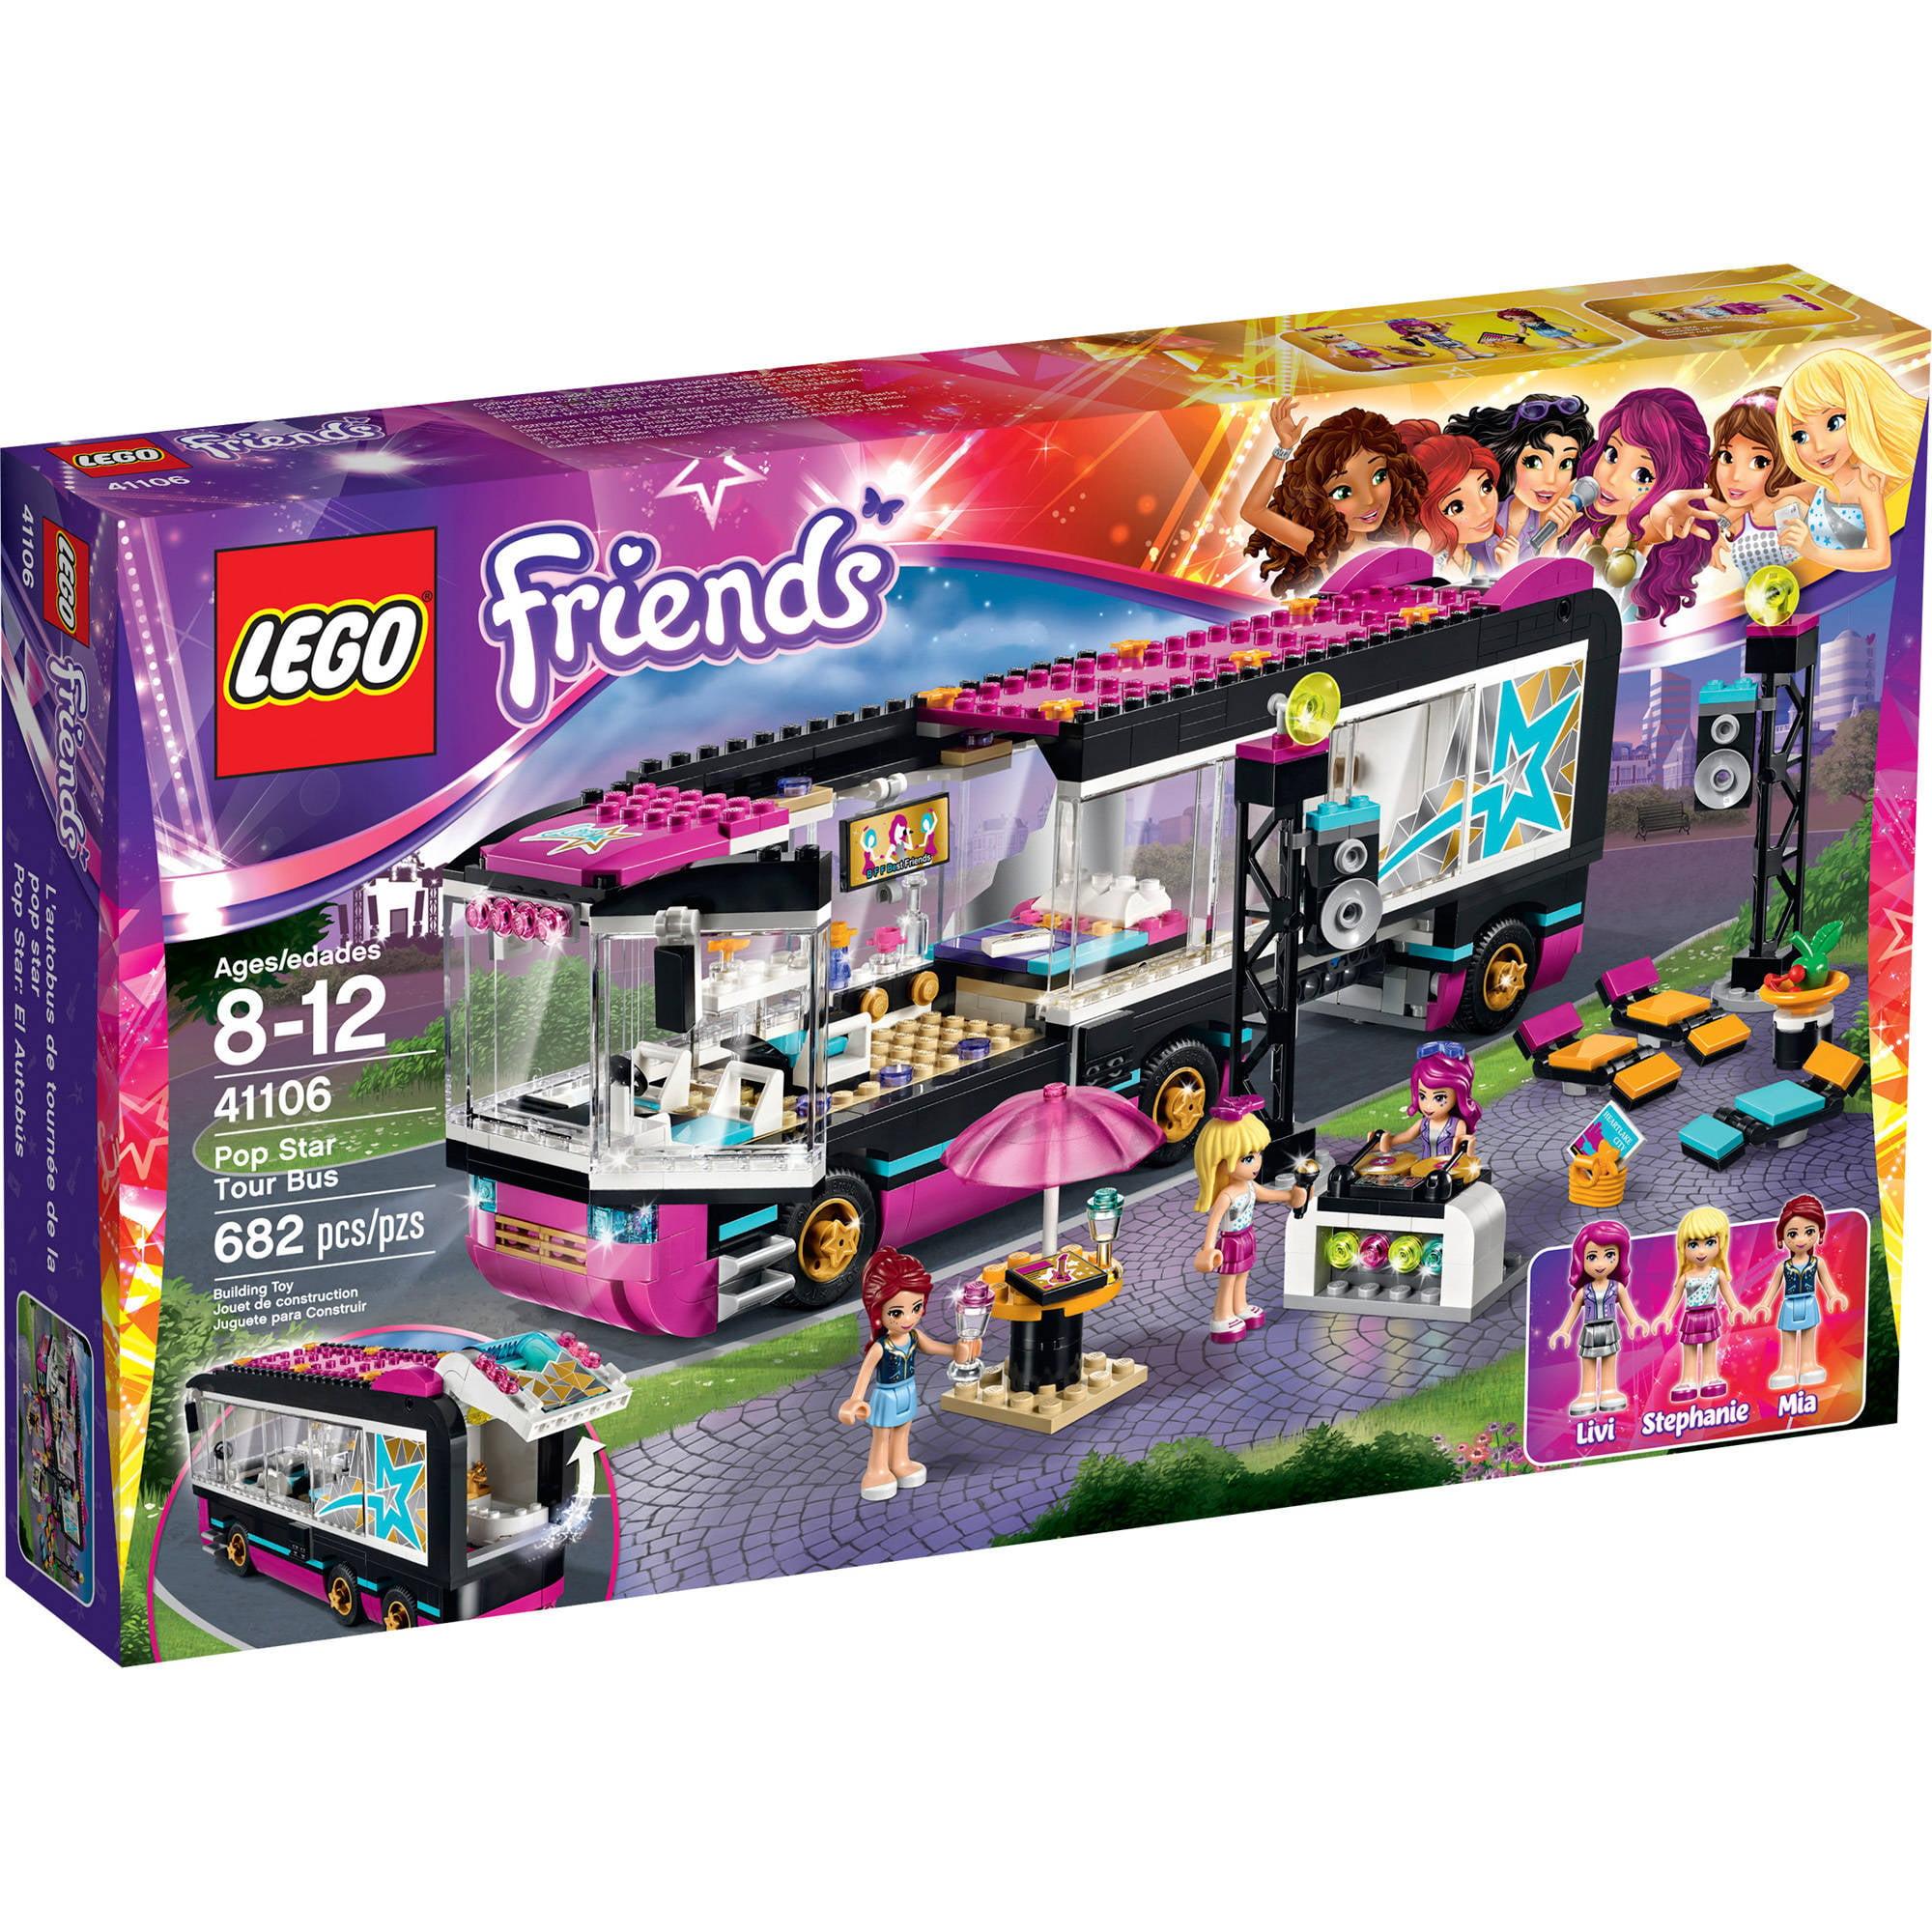 Tour Lego Friends Bus41106 Star Pop hQdrst